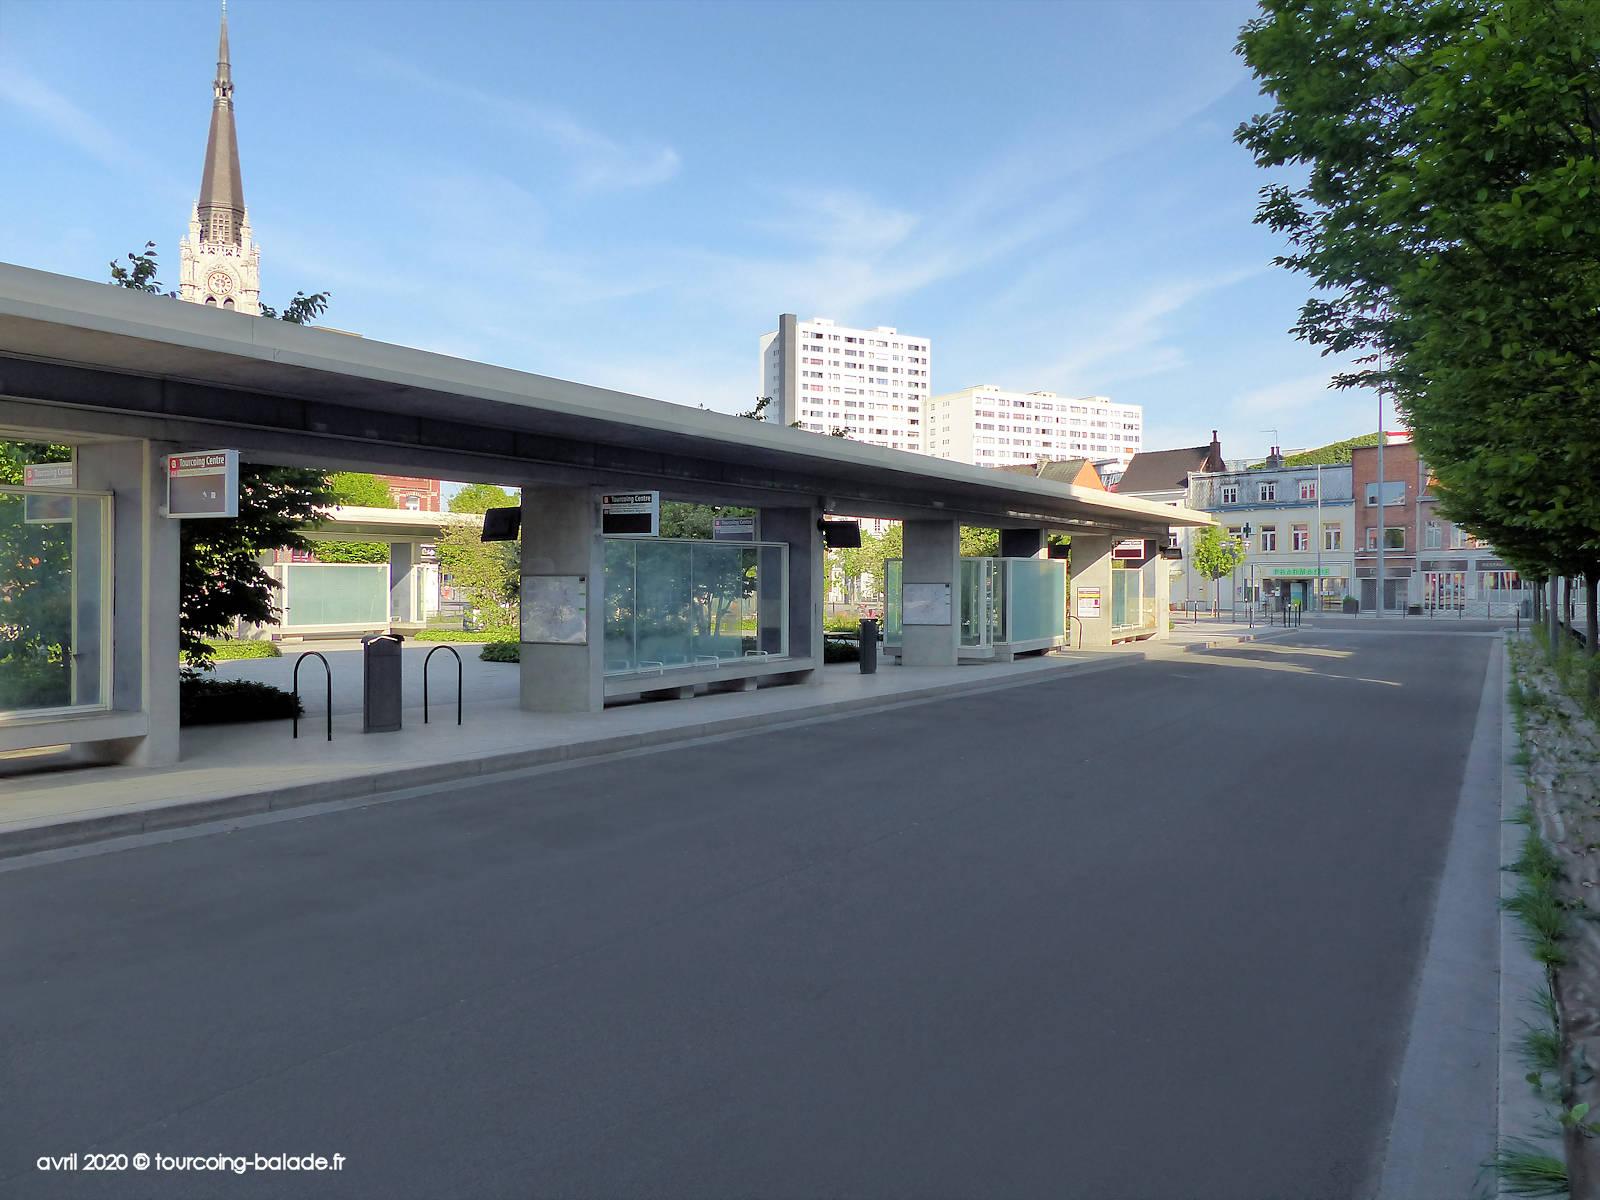 Pôle d'échange Tourcoing, Place Roussel 2020